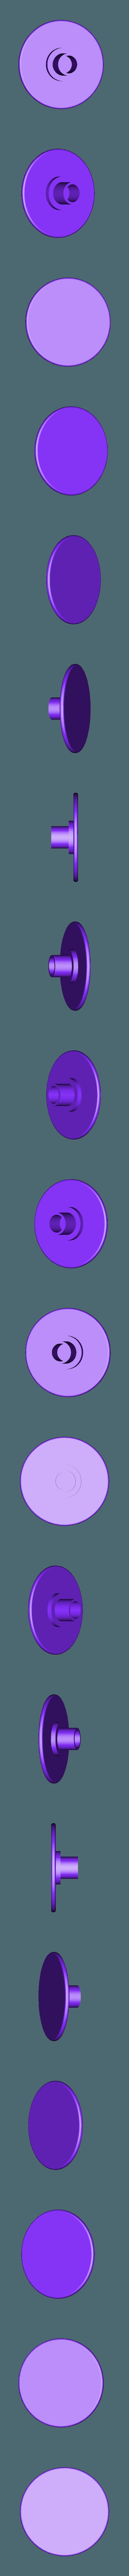 Top.stl Download free STL file Fidget Spinner for Smaller Hands - Spinner B • 3D printer model, crzldesign